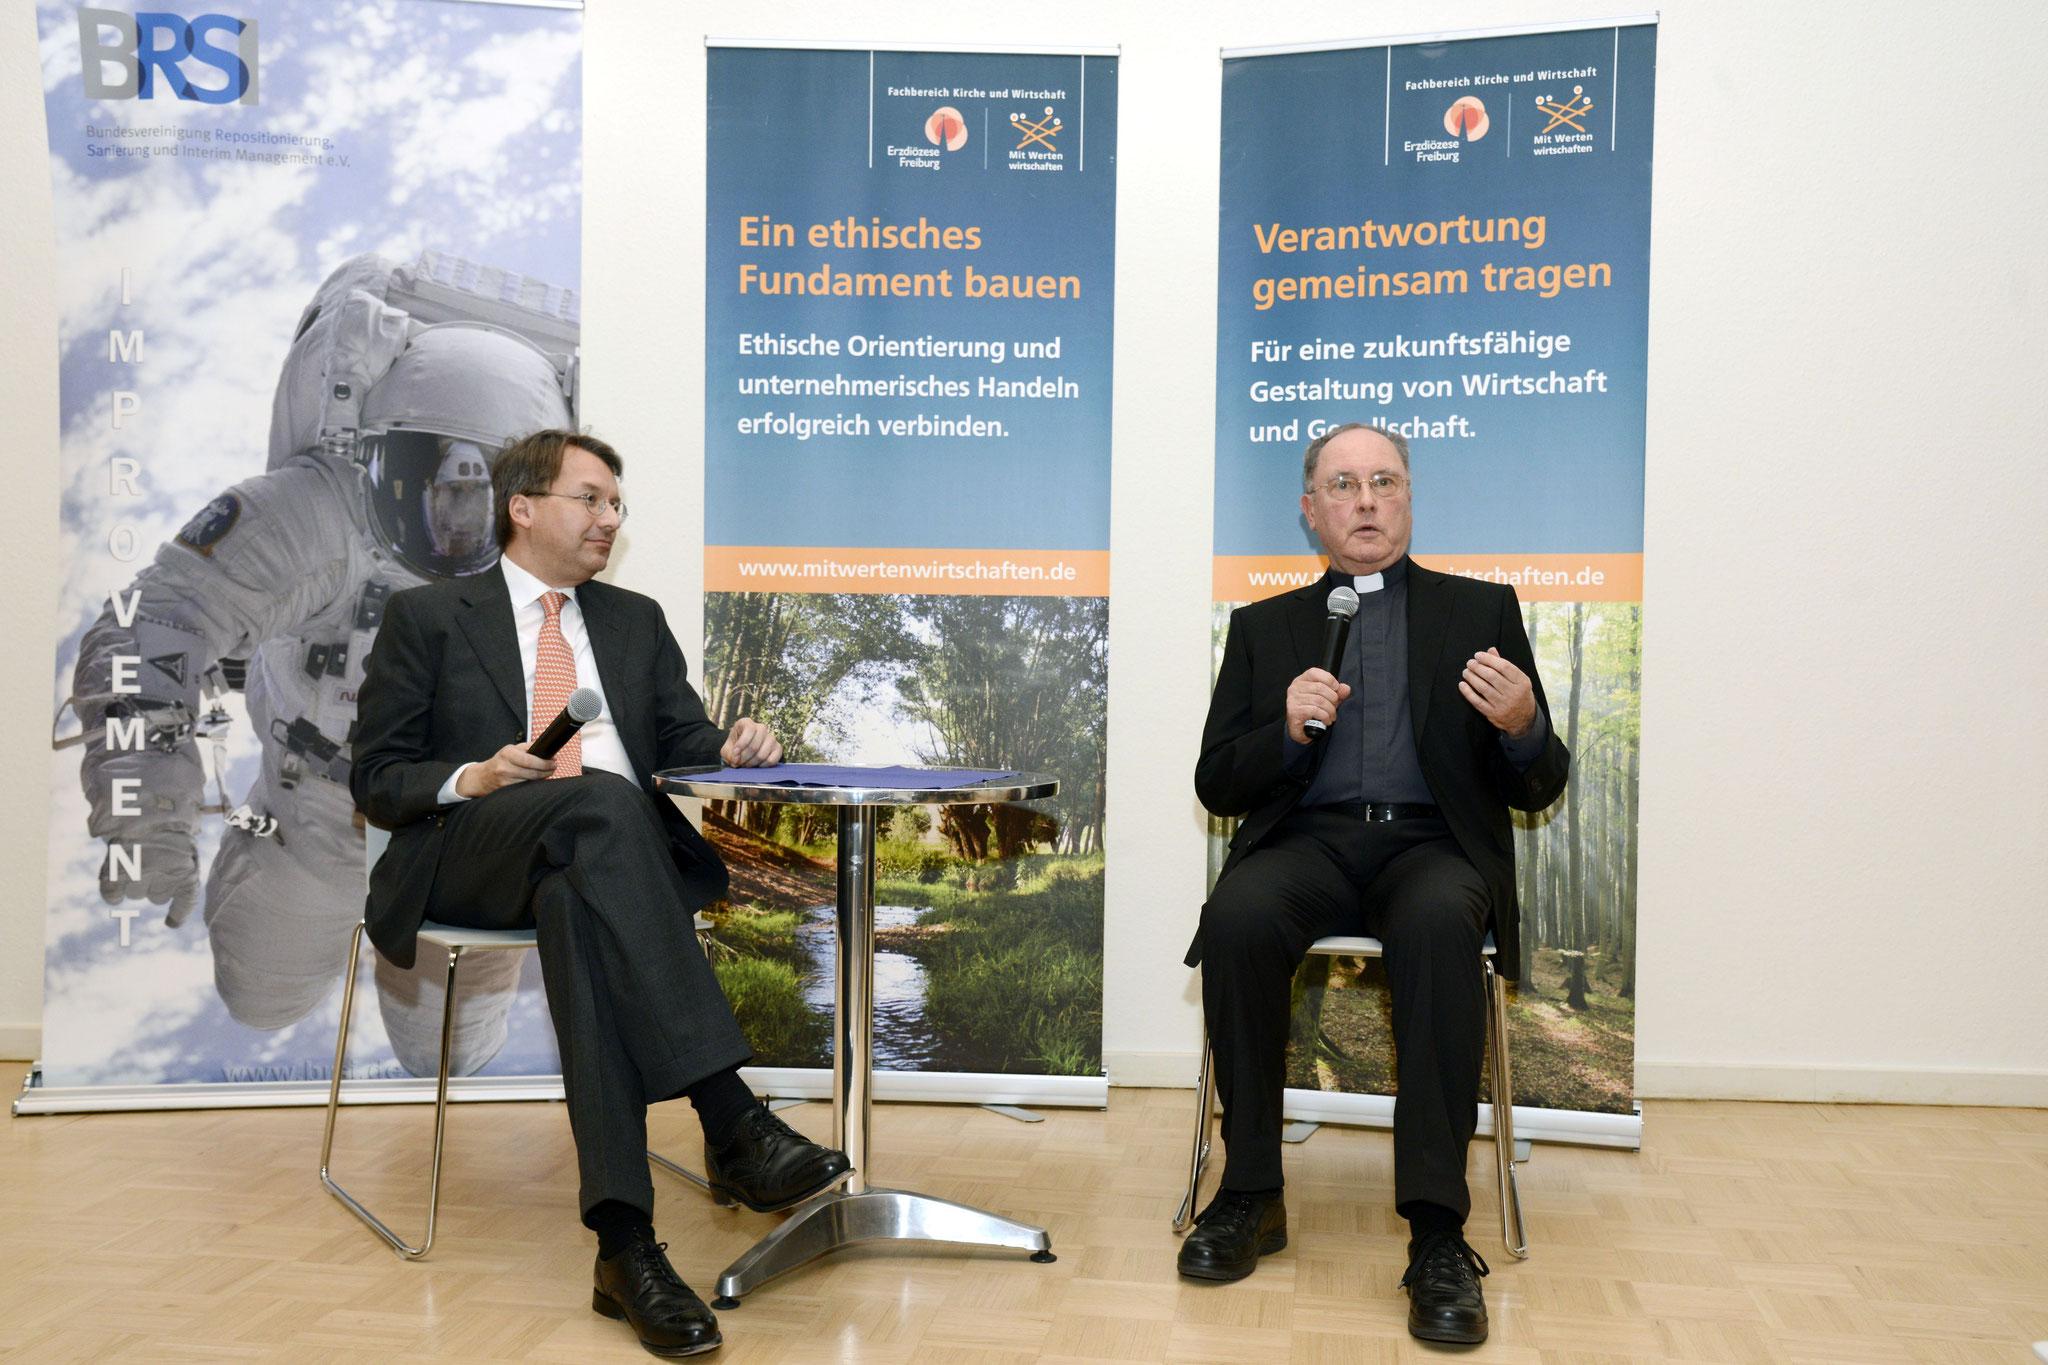 Dr. Gröpl moderiert den Vortrag. Dr. Mehlmann steht Rede und Antwort.   Bild Copyright Helmut G. Roos